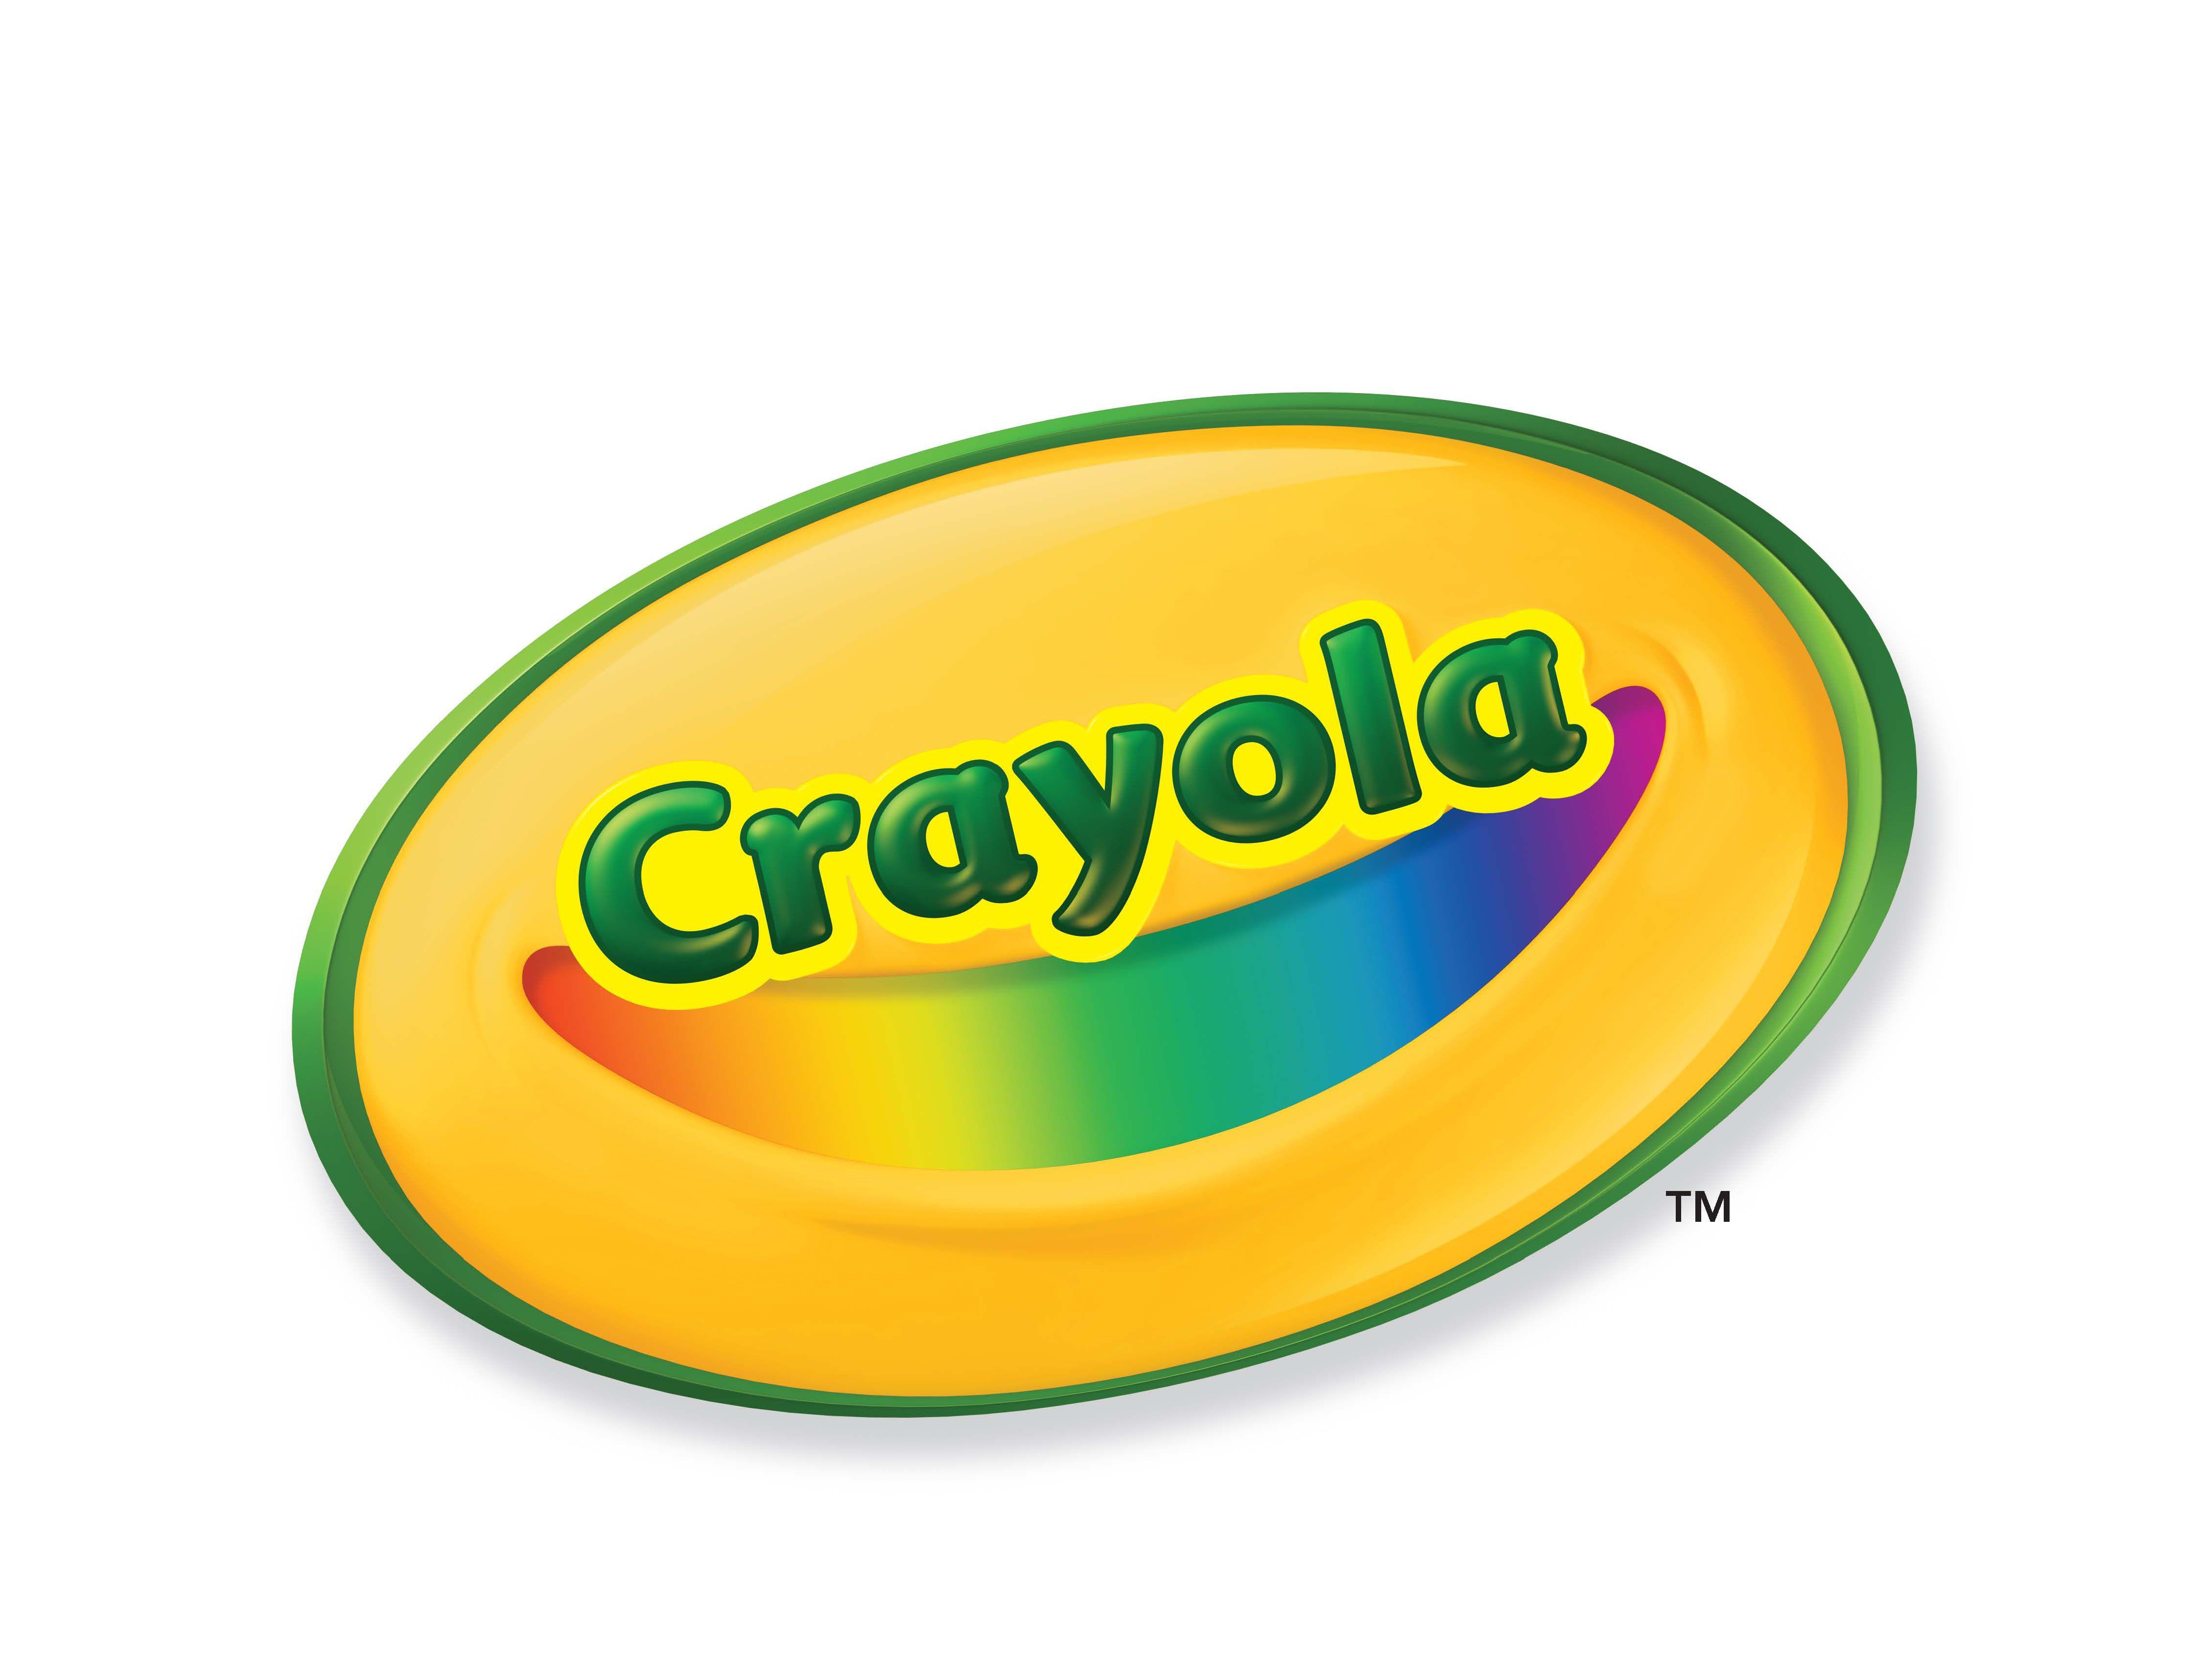 Crayola Logo - Free Large Images | Girlie Board | Logos, Top Toys - Free Printable Crayola Coupons